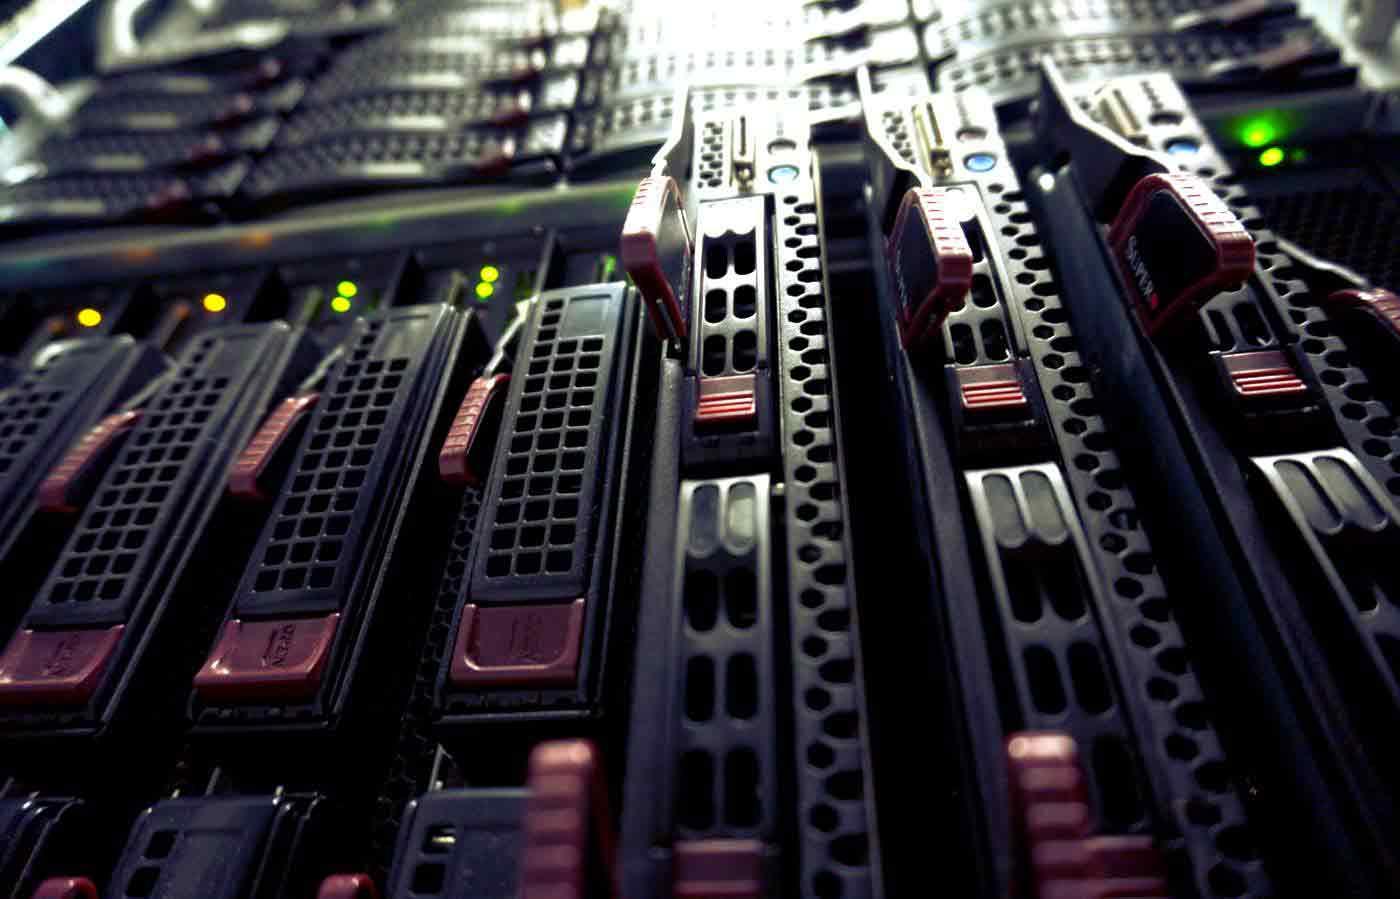 dedicado-servidor-zcohosting